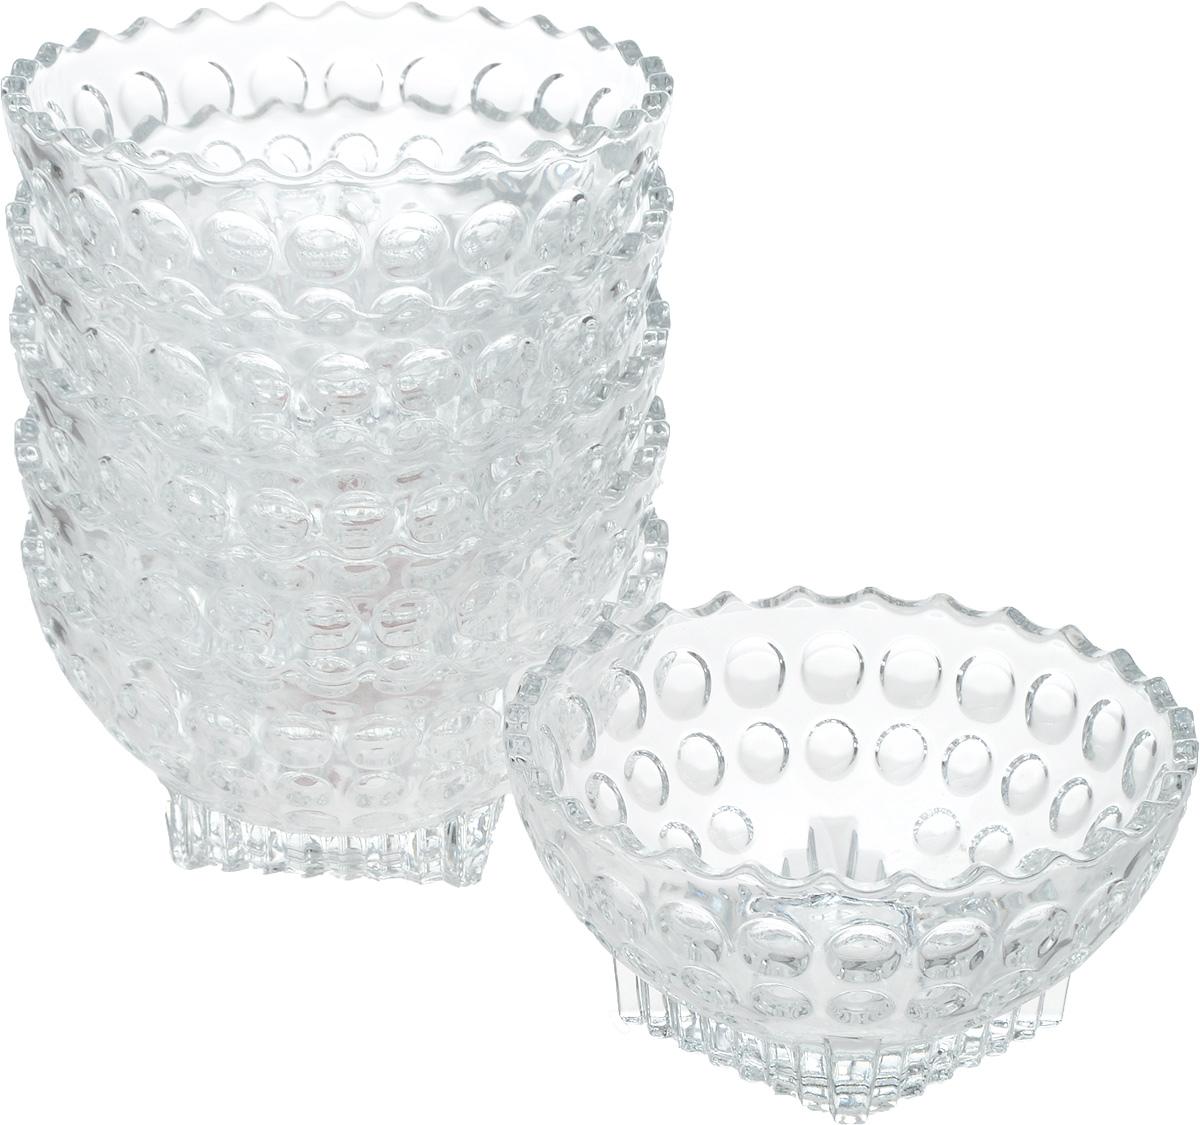 Набор салатников Isfahan Semiramis, диаметр 12 см, 6 шт907Салатник изготовлен из стекла, прекрасно подойдет для подачи различных блюд: закусок, салатов или фруктов.Такой салатник украсит ваш праздничный или обеденный стол, а оригинальный дизайн придется по вкусу и ценителям классики, и тем, кто предпочитает утонченность и изысканность.